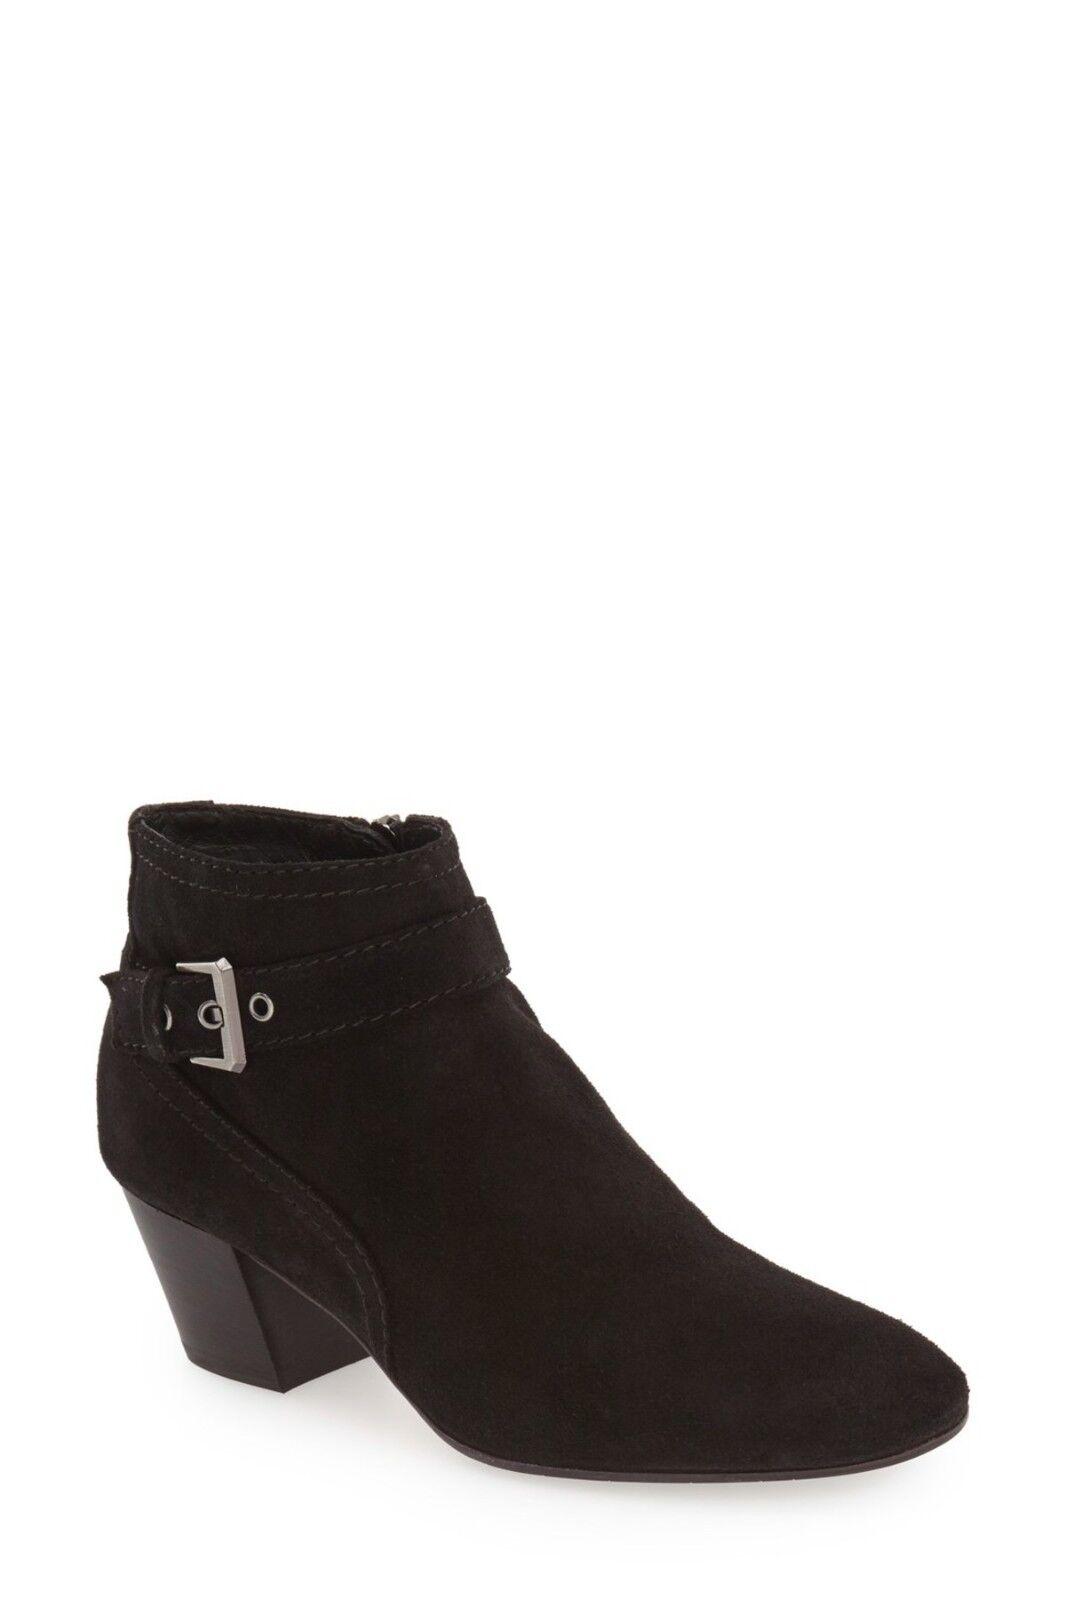 forniamo il meglio AQUATALIA Ankle avvioies New Fawn nero nero nero Weatherproof Leather stivali 10  450  la migliore selezione di